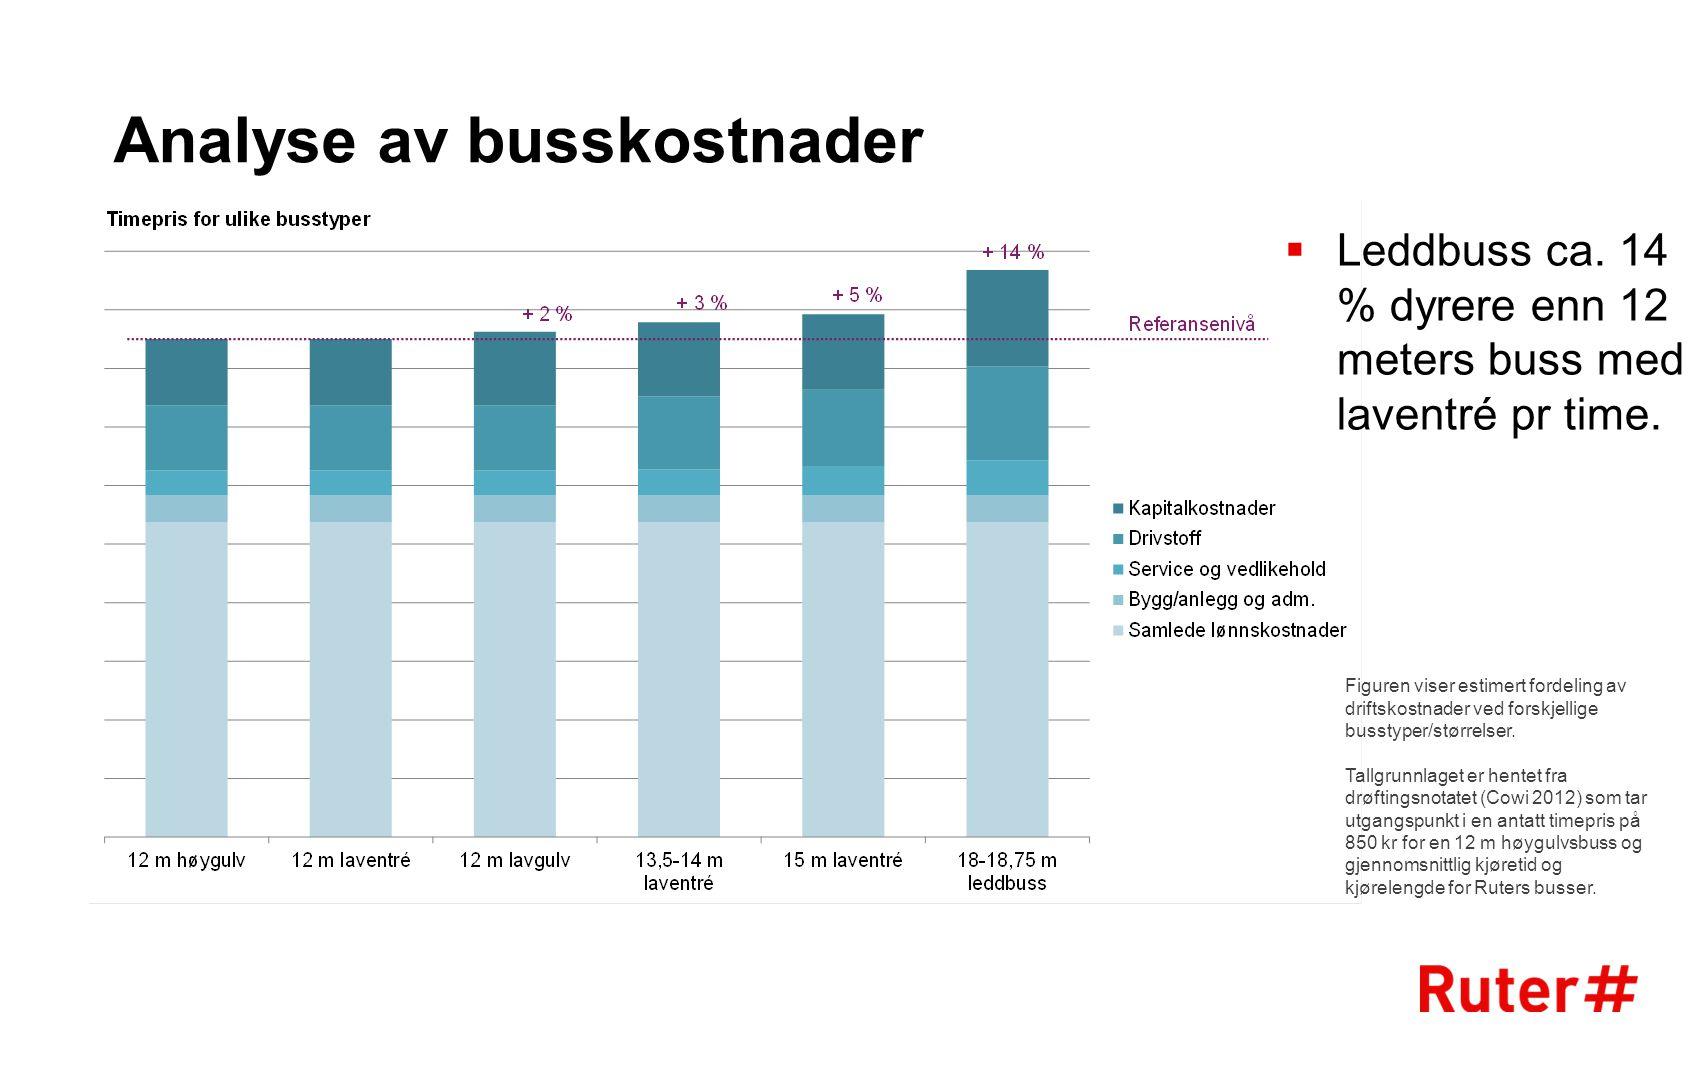 Analyse av busskostnader  Leddbuss ca. 14 % dyrere enn 12 meters buss med laventré pr time. Figuren viser estimert fordeling av driftskostnader ved f